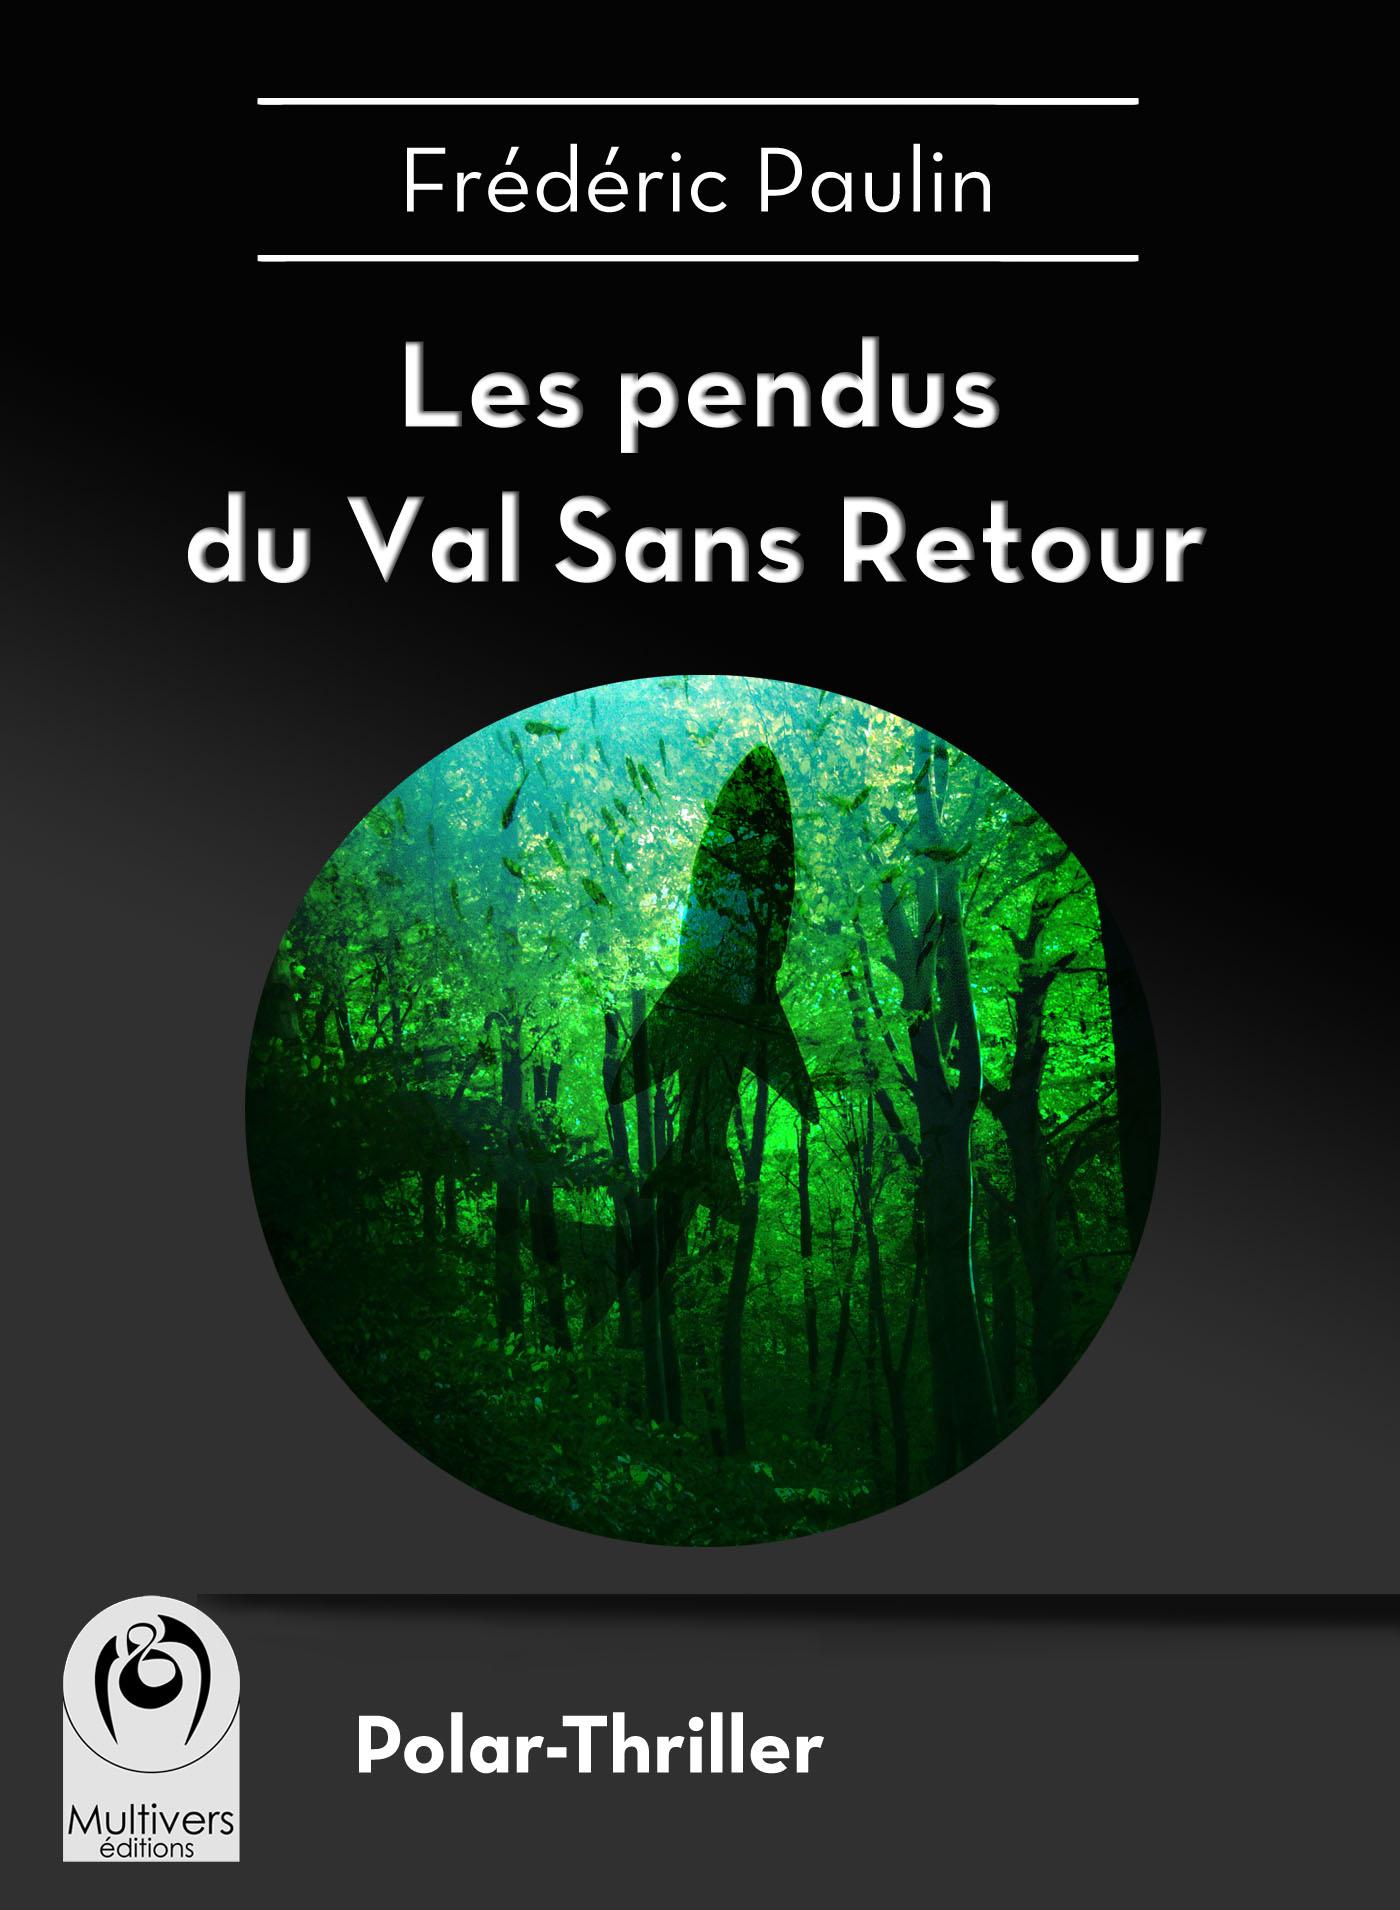 Les pendus du Val Sans Retour